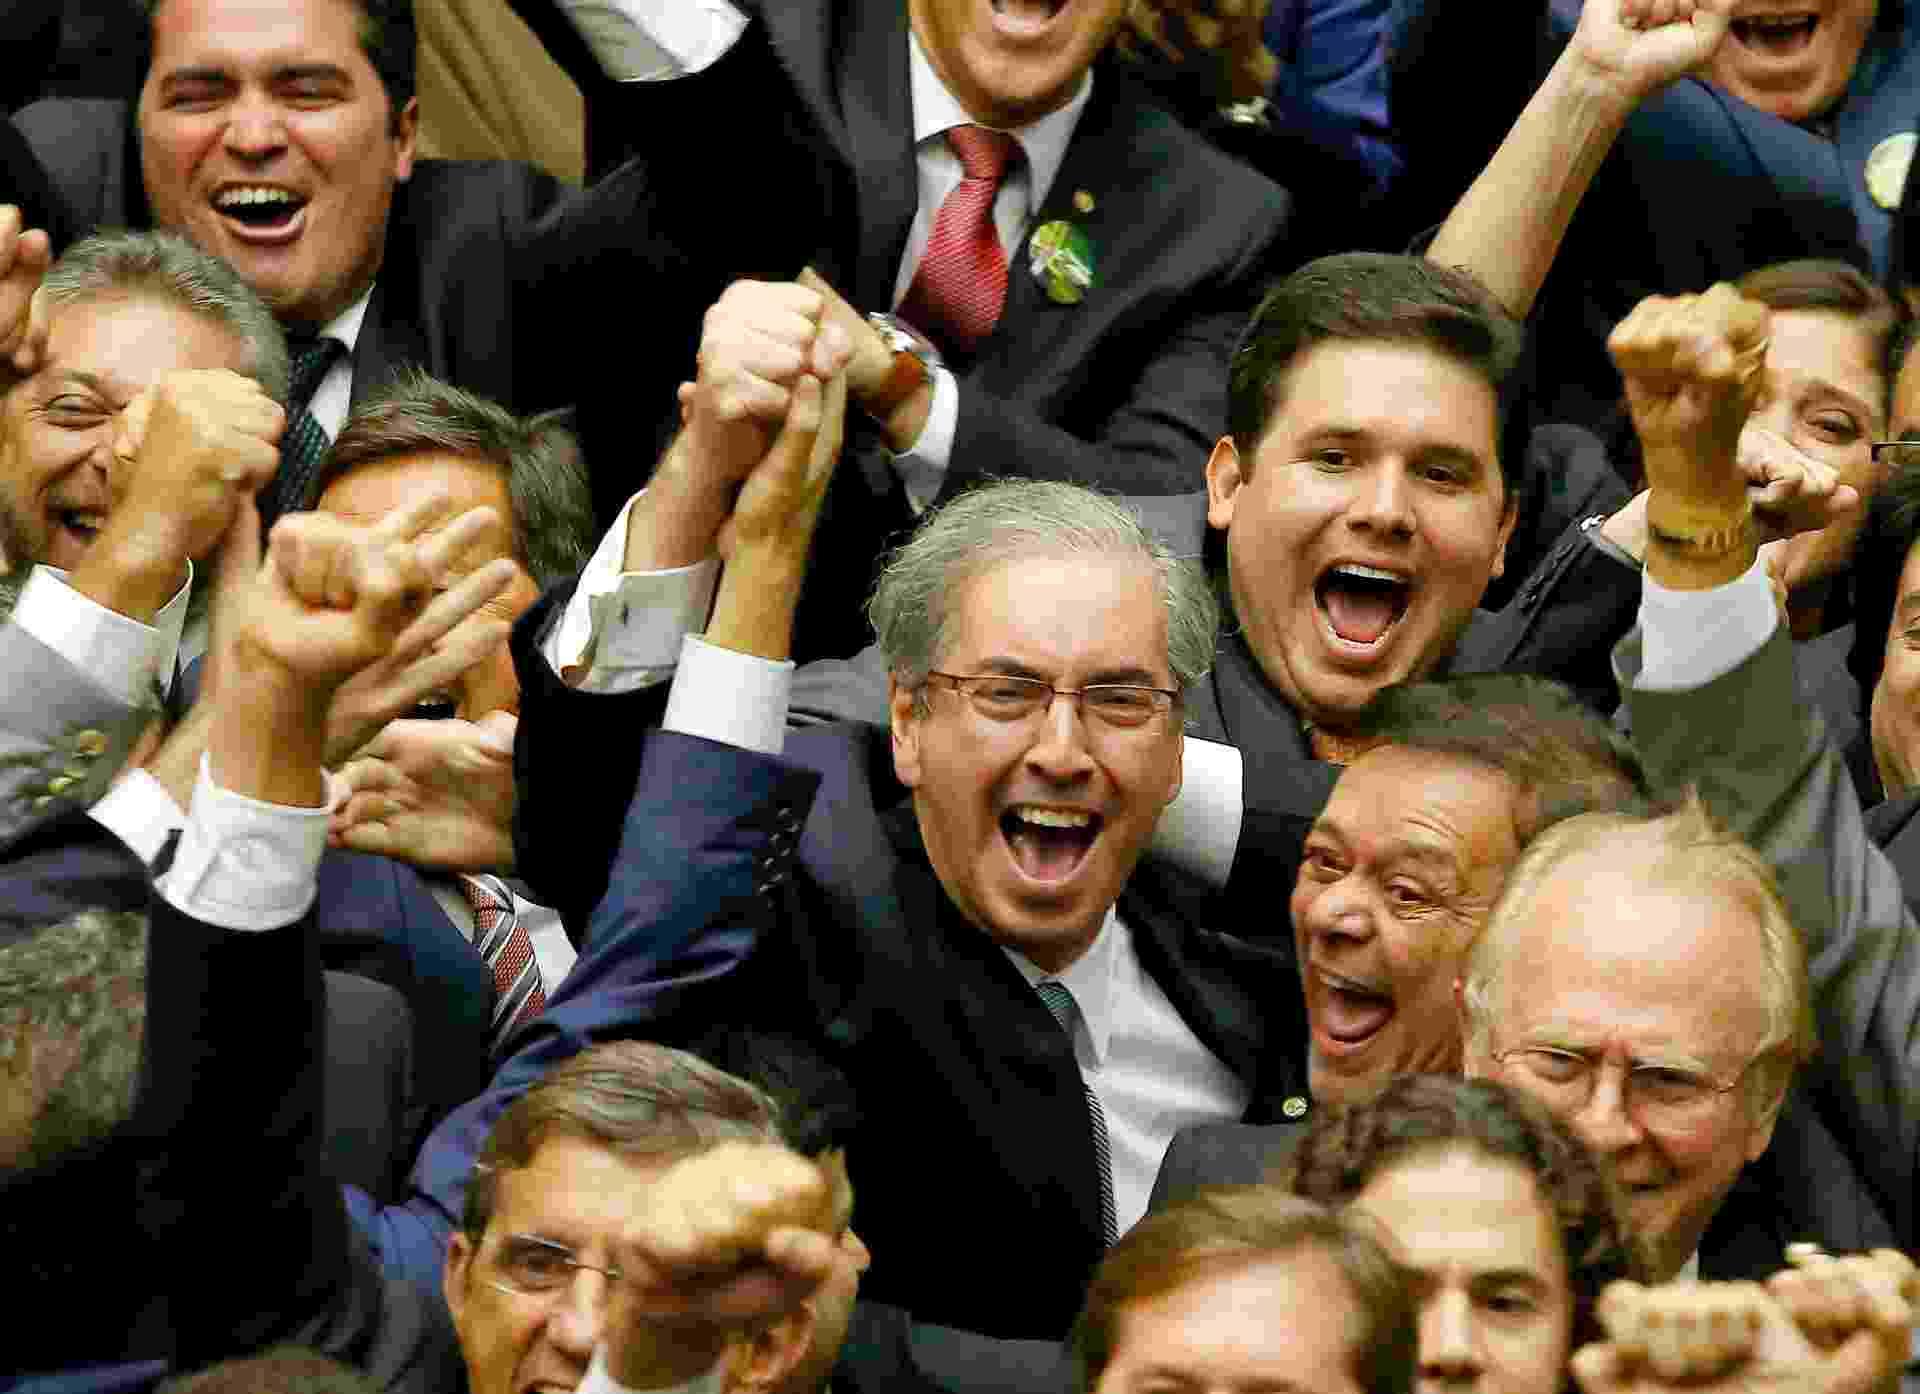 Ao receber o resultado da eleição para a presidência da Câmara, em fevereiro de 2015. Cunha obteve 267 votos, contra 136 do petista Arlindo Chinaglia, 100 de Júlio Delgado (PSB-MG) e 8 de Chico Alencar (PSOL-RJ) - Pedro Ladeira/Folhapress